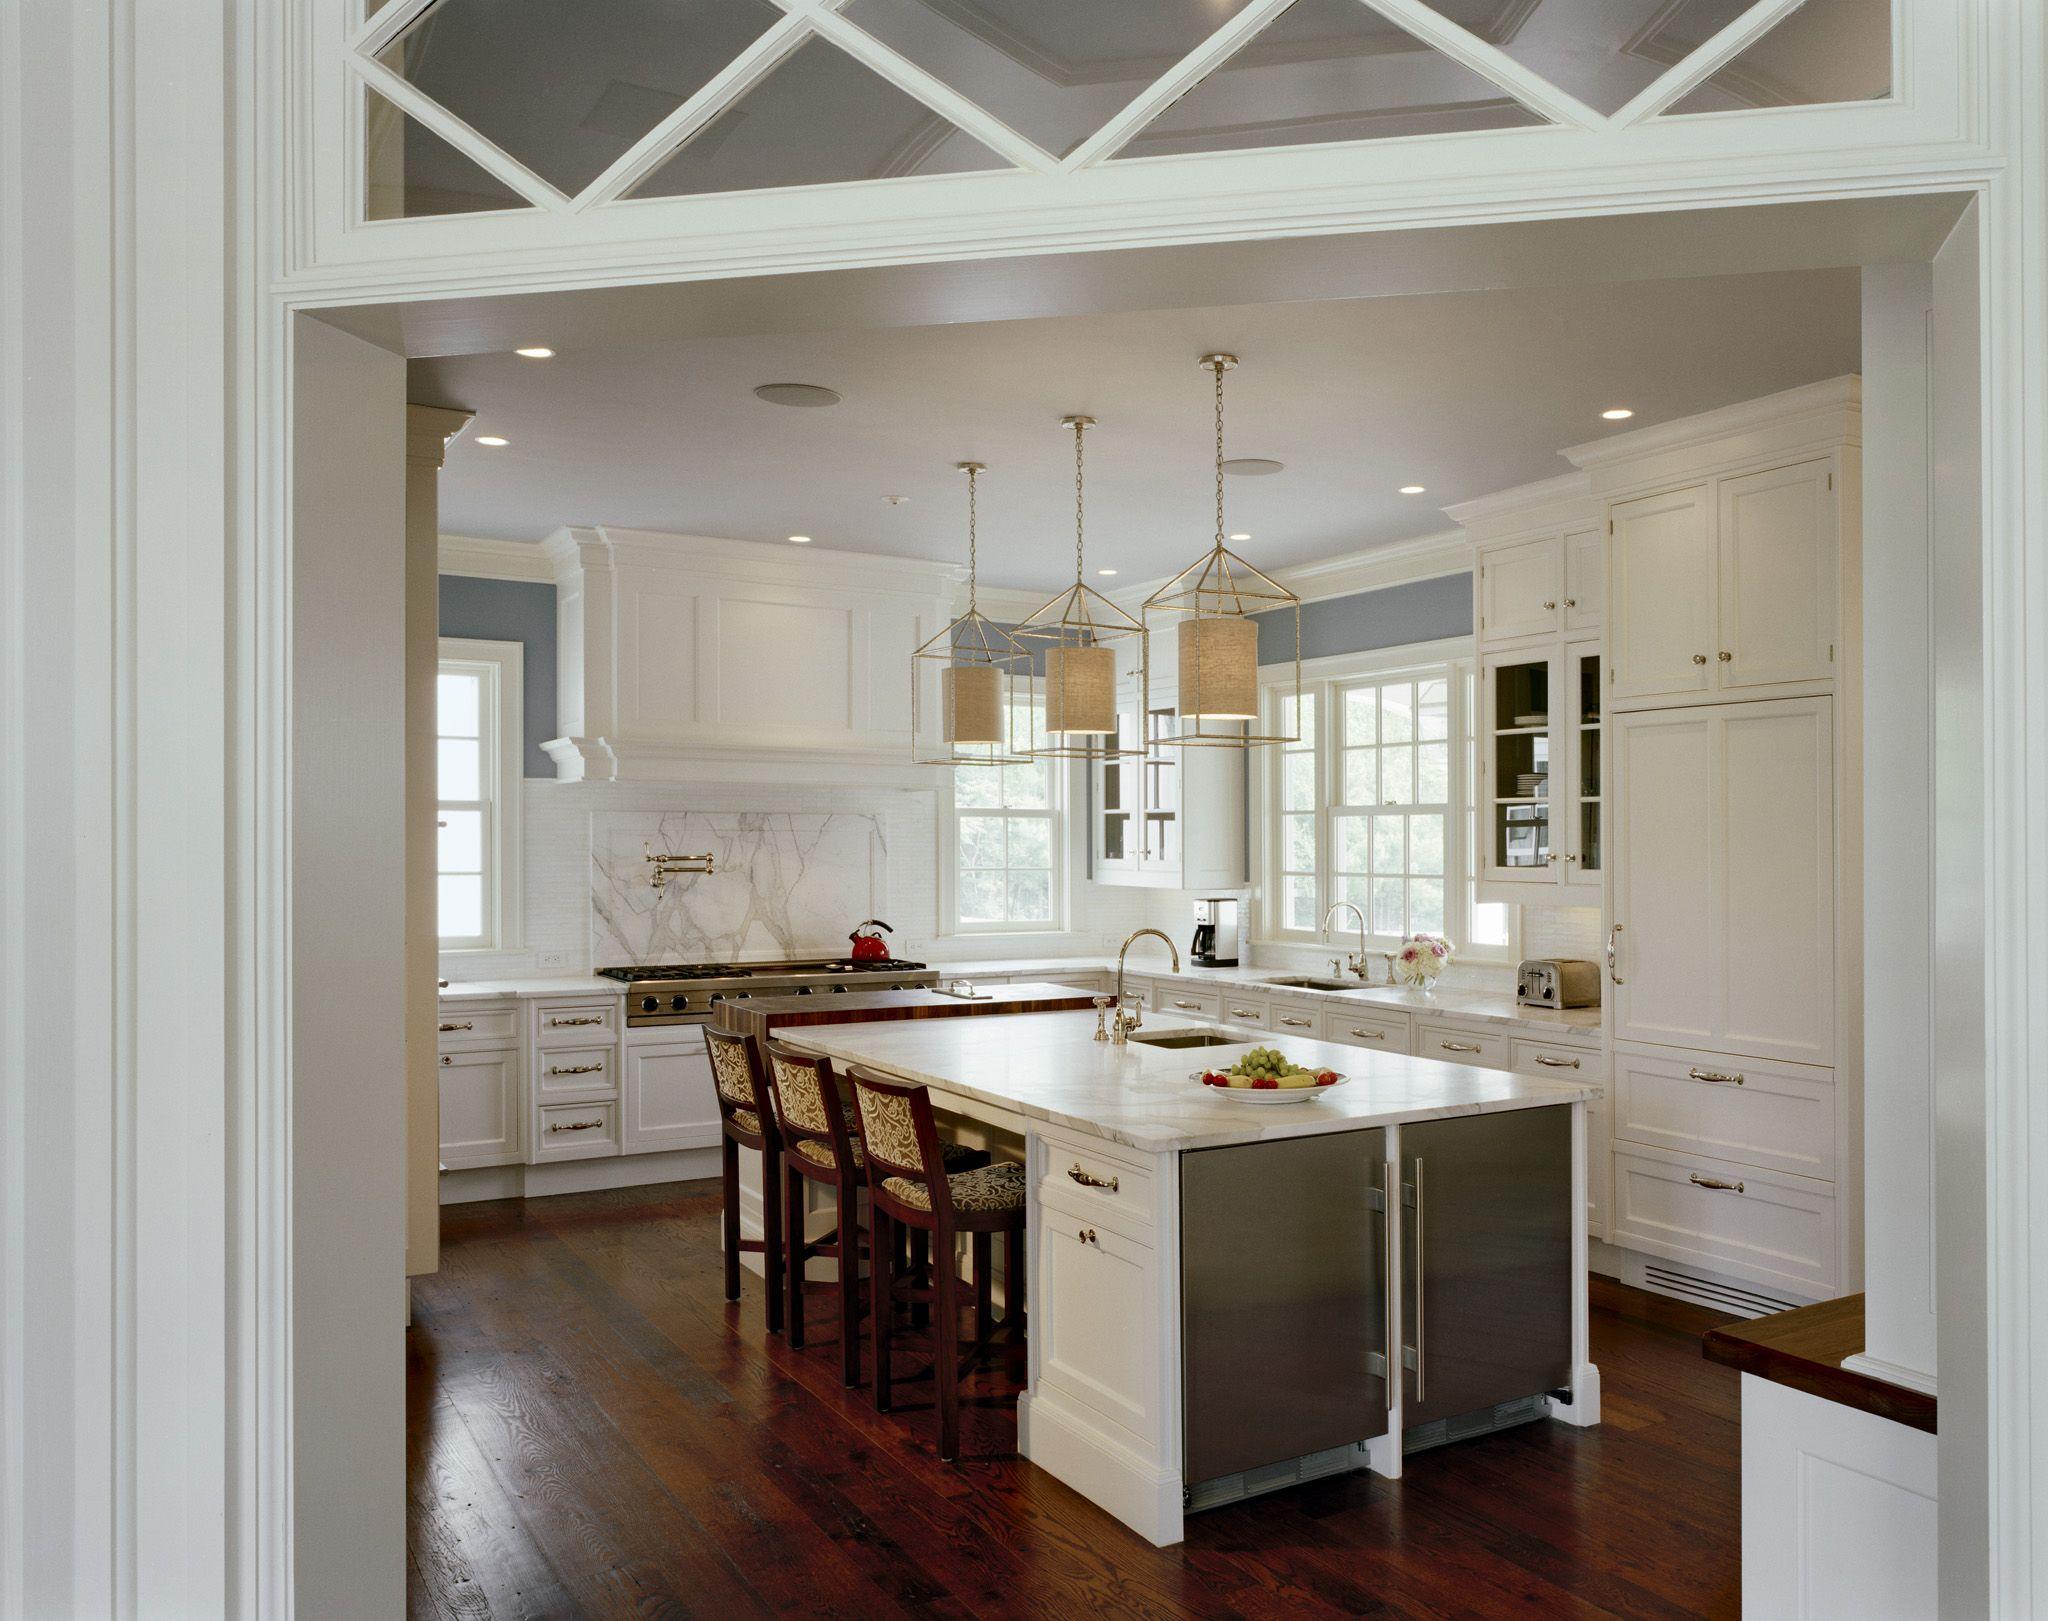 Douglas Vanderhorn Architects Transitional Kitchen In